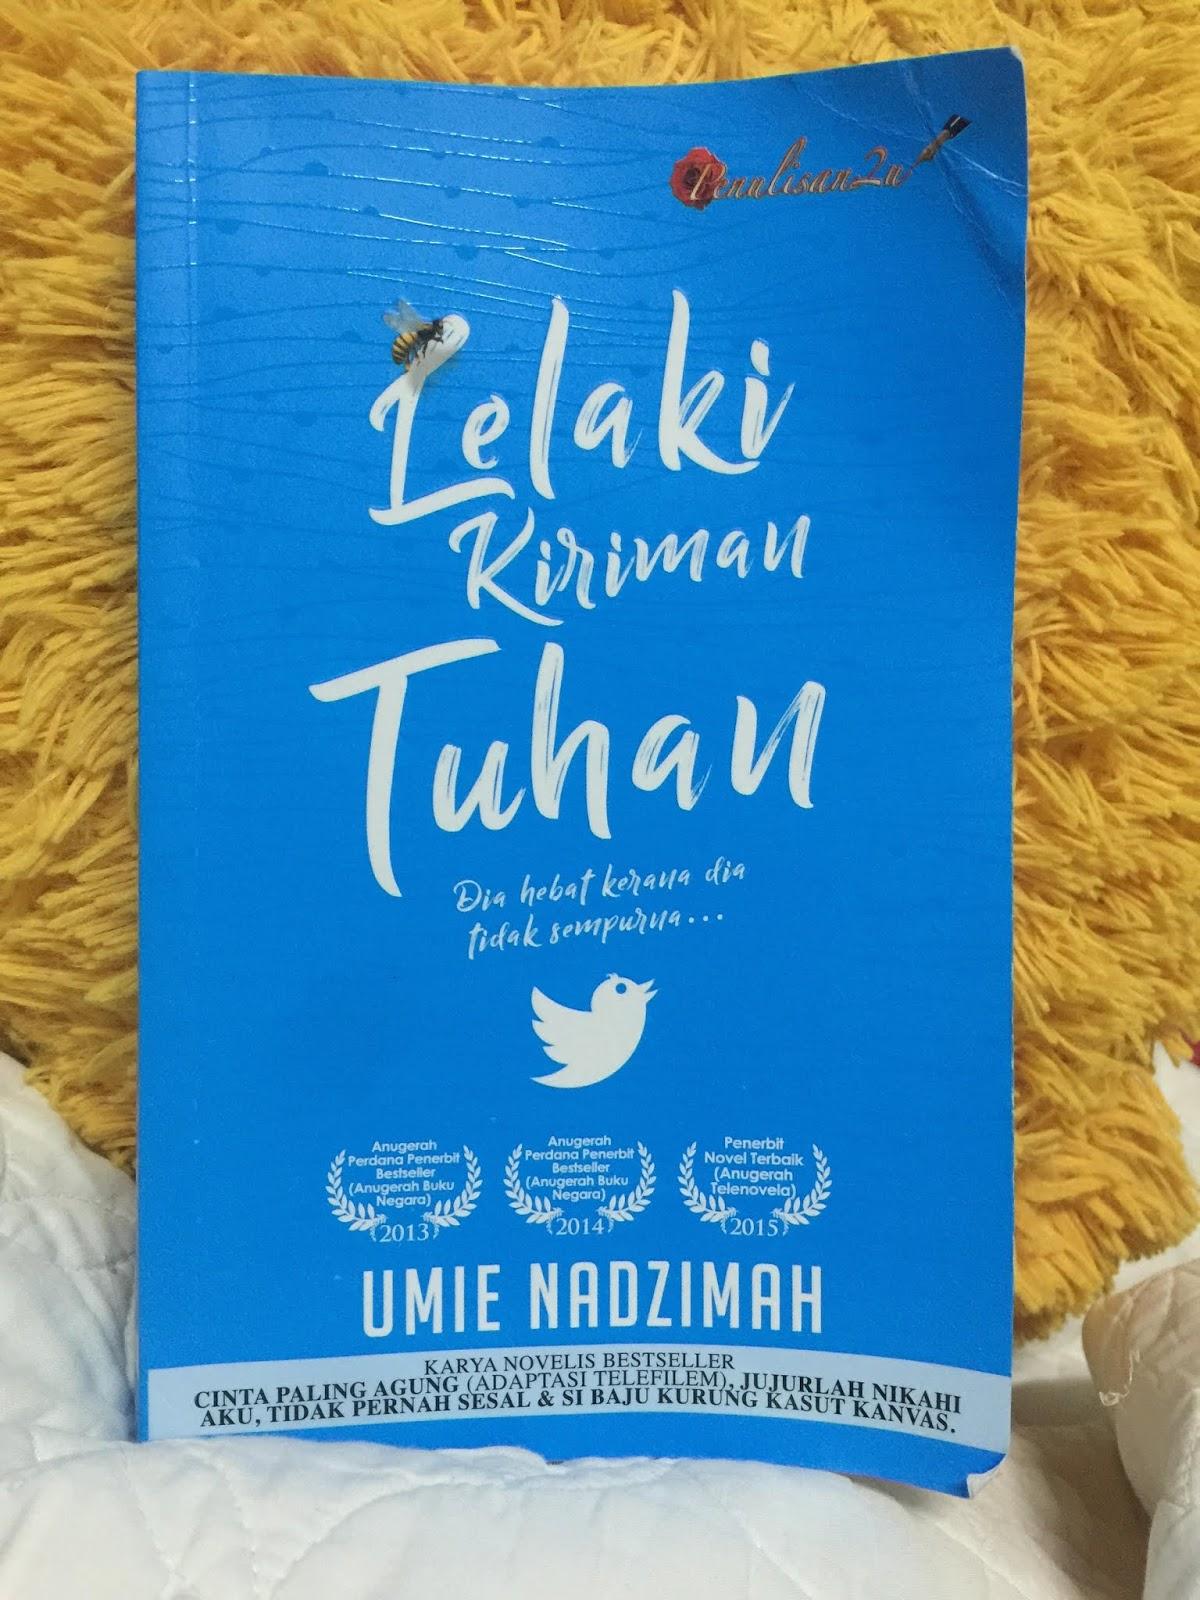 Drama terbaik, adaptasi novel, drama bersiri, mira filzah, remy ishak, kisah keluarga